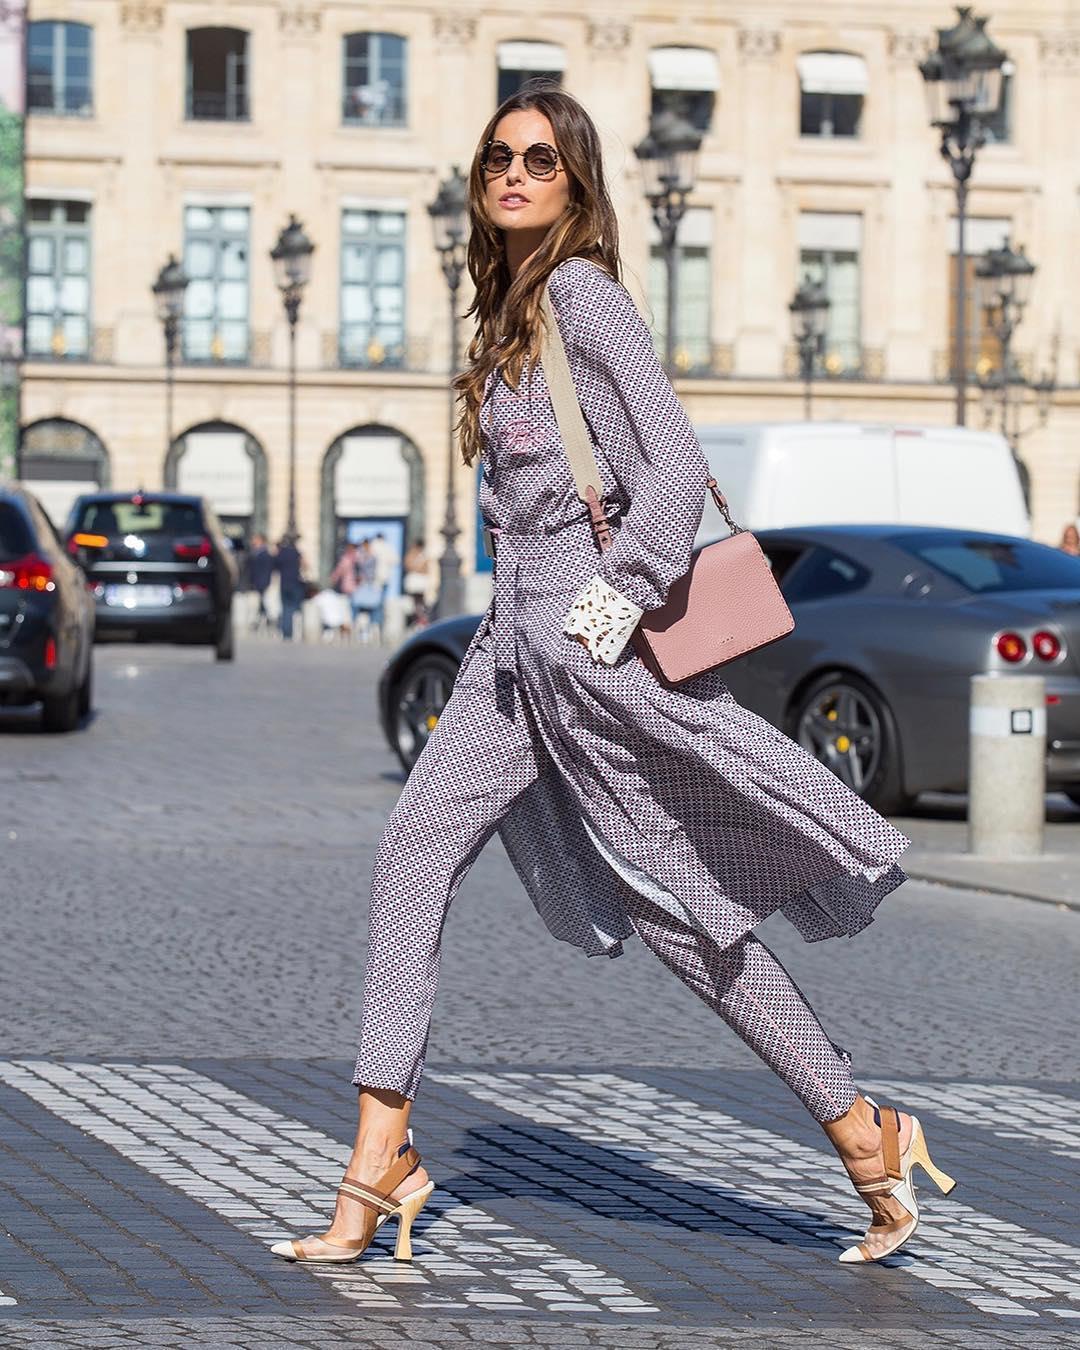 8143a3d0c6 pantalones-estampados-izabel-goulart. Pantalones de mujer estampados de lo  más elegantes